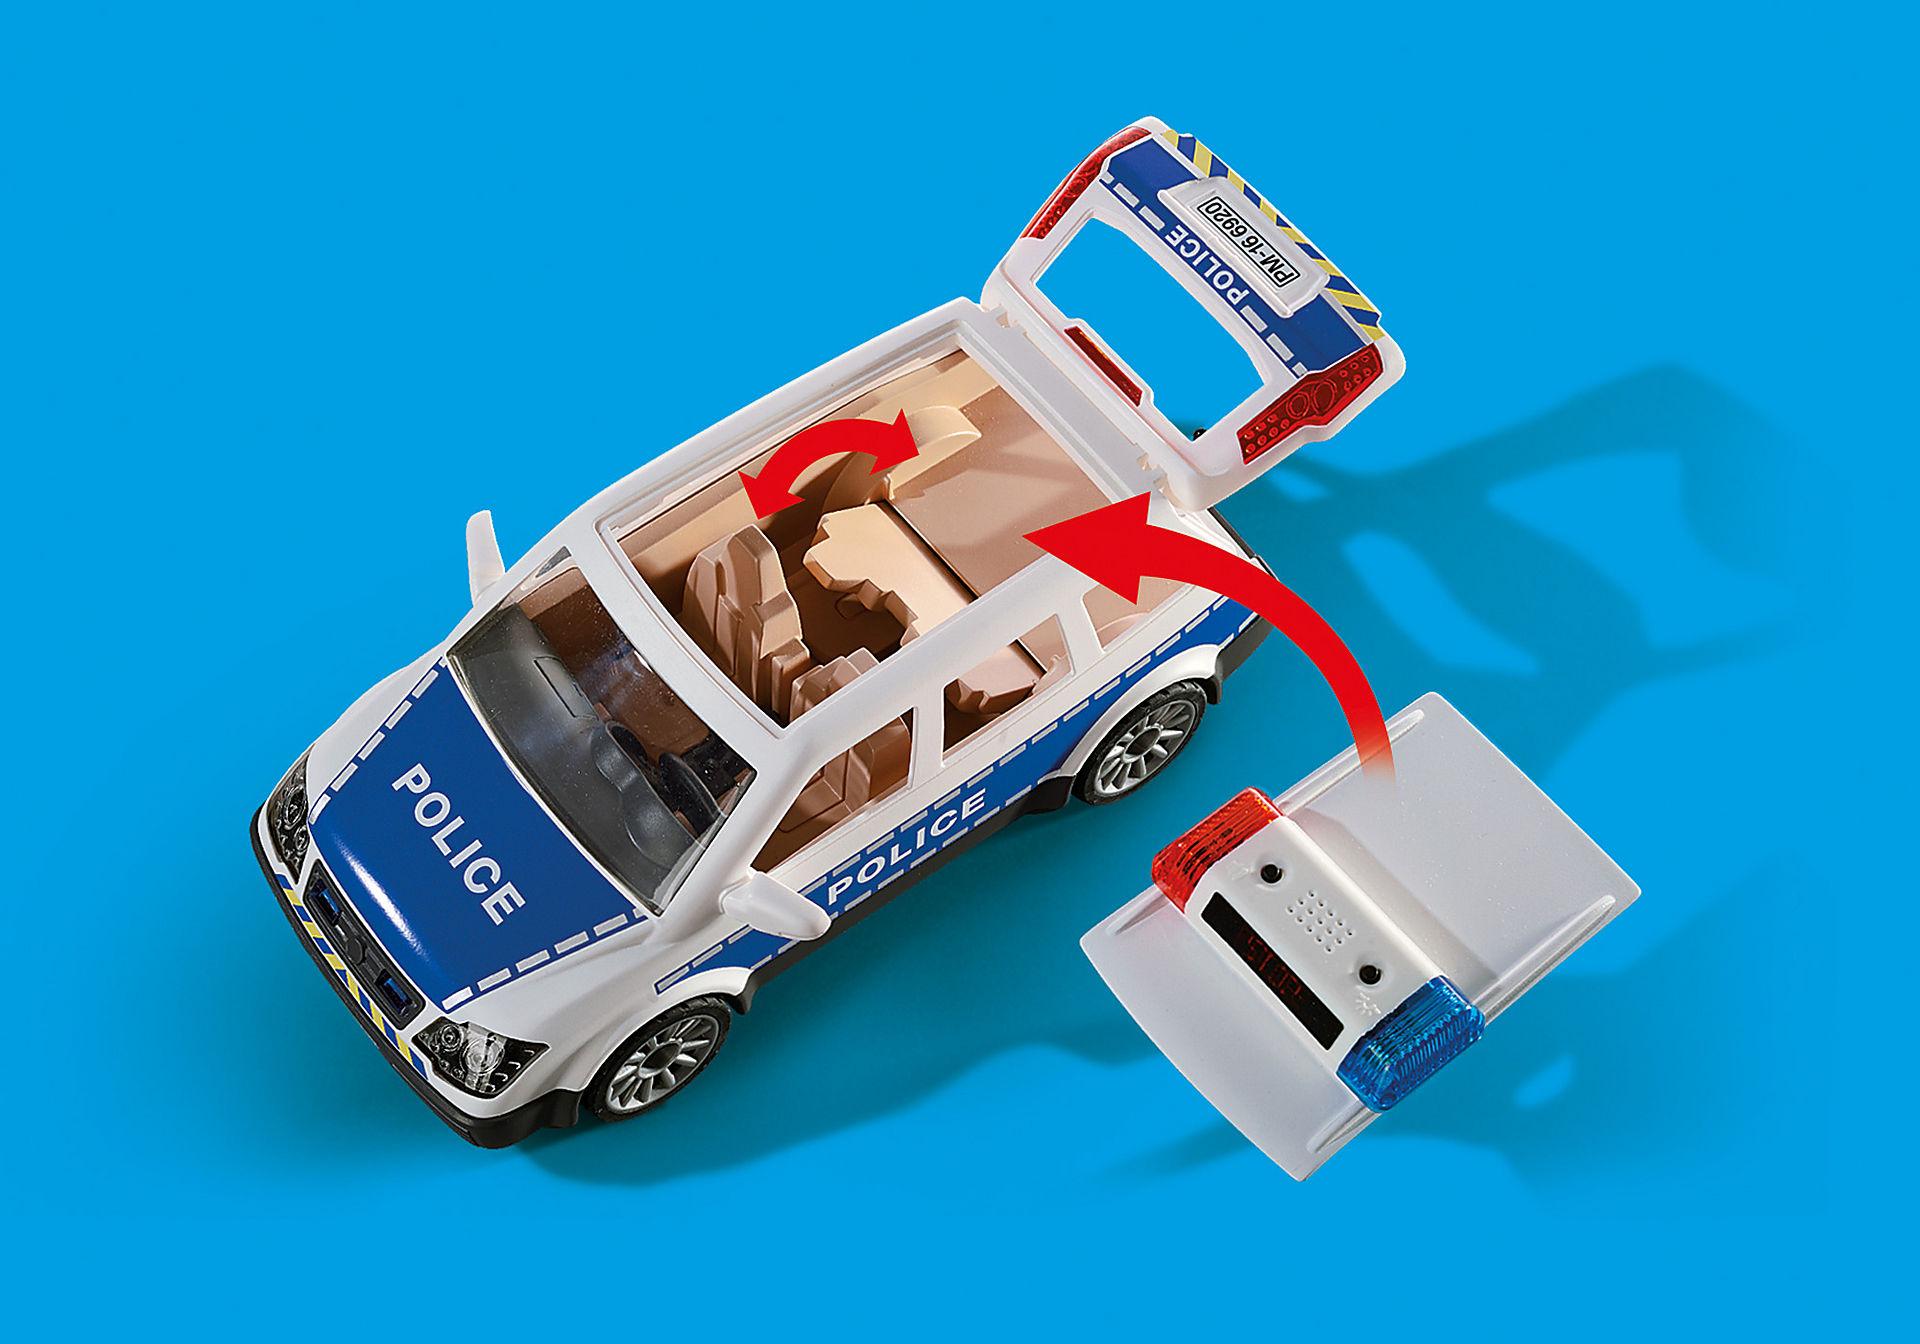 6920 Coche de Policía con Luces y Sonido zoom image4